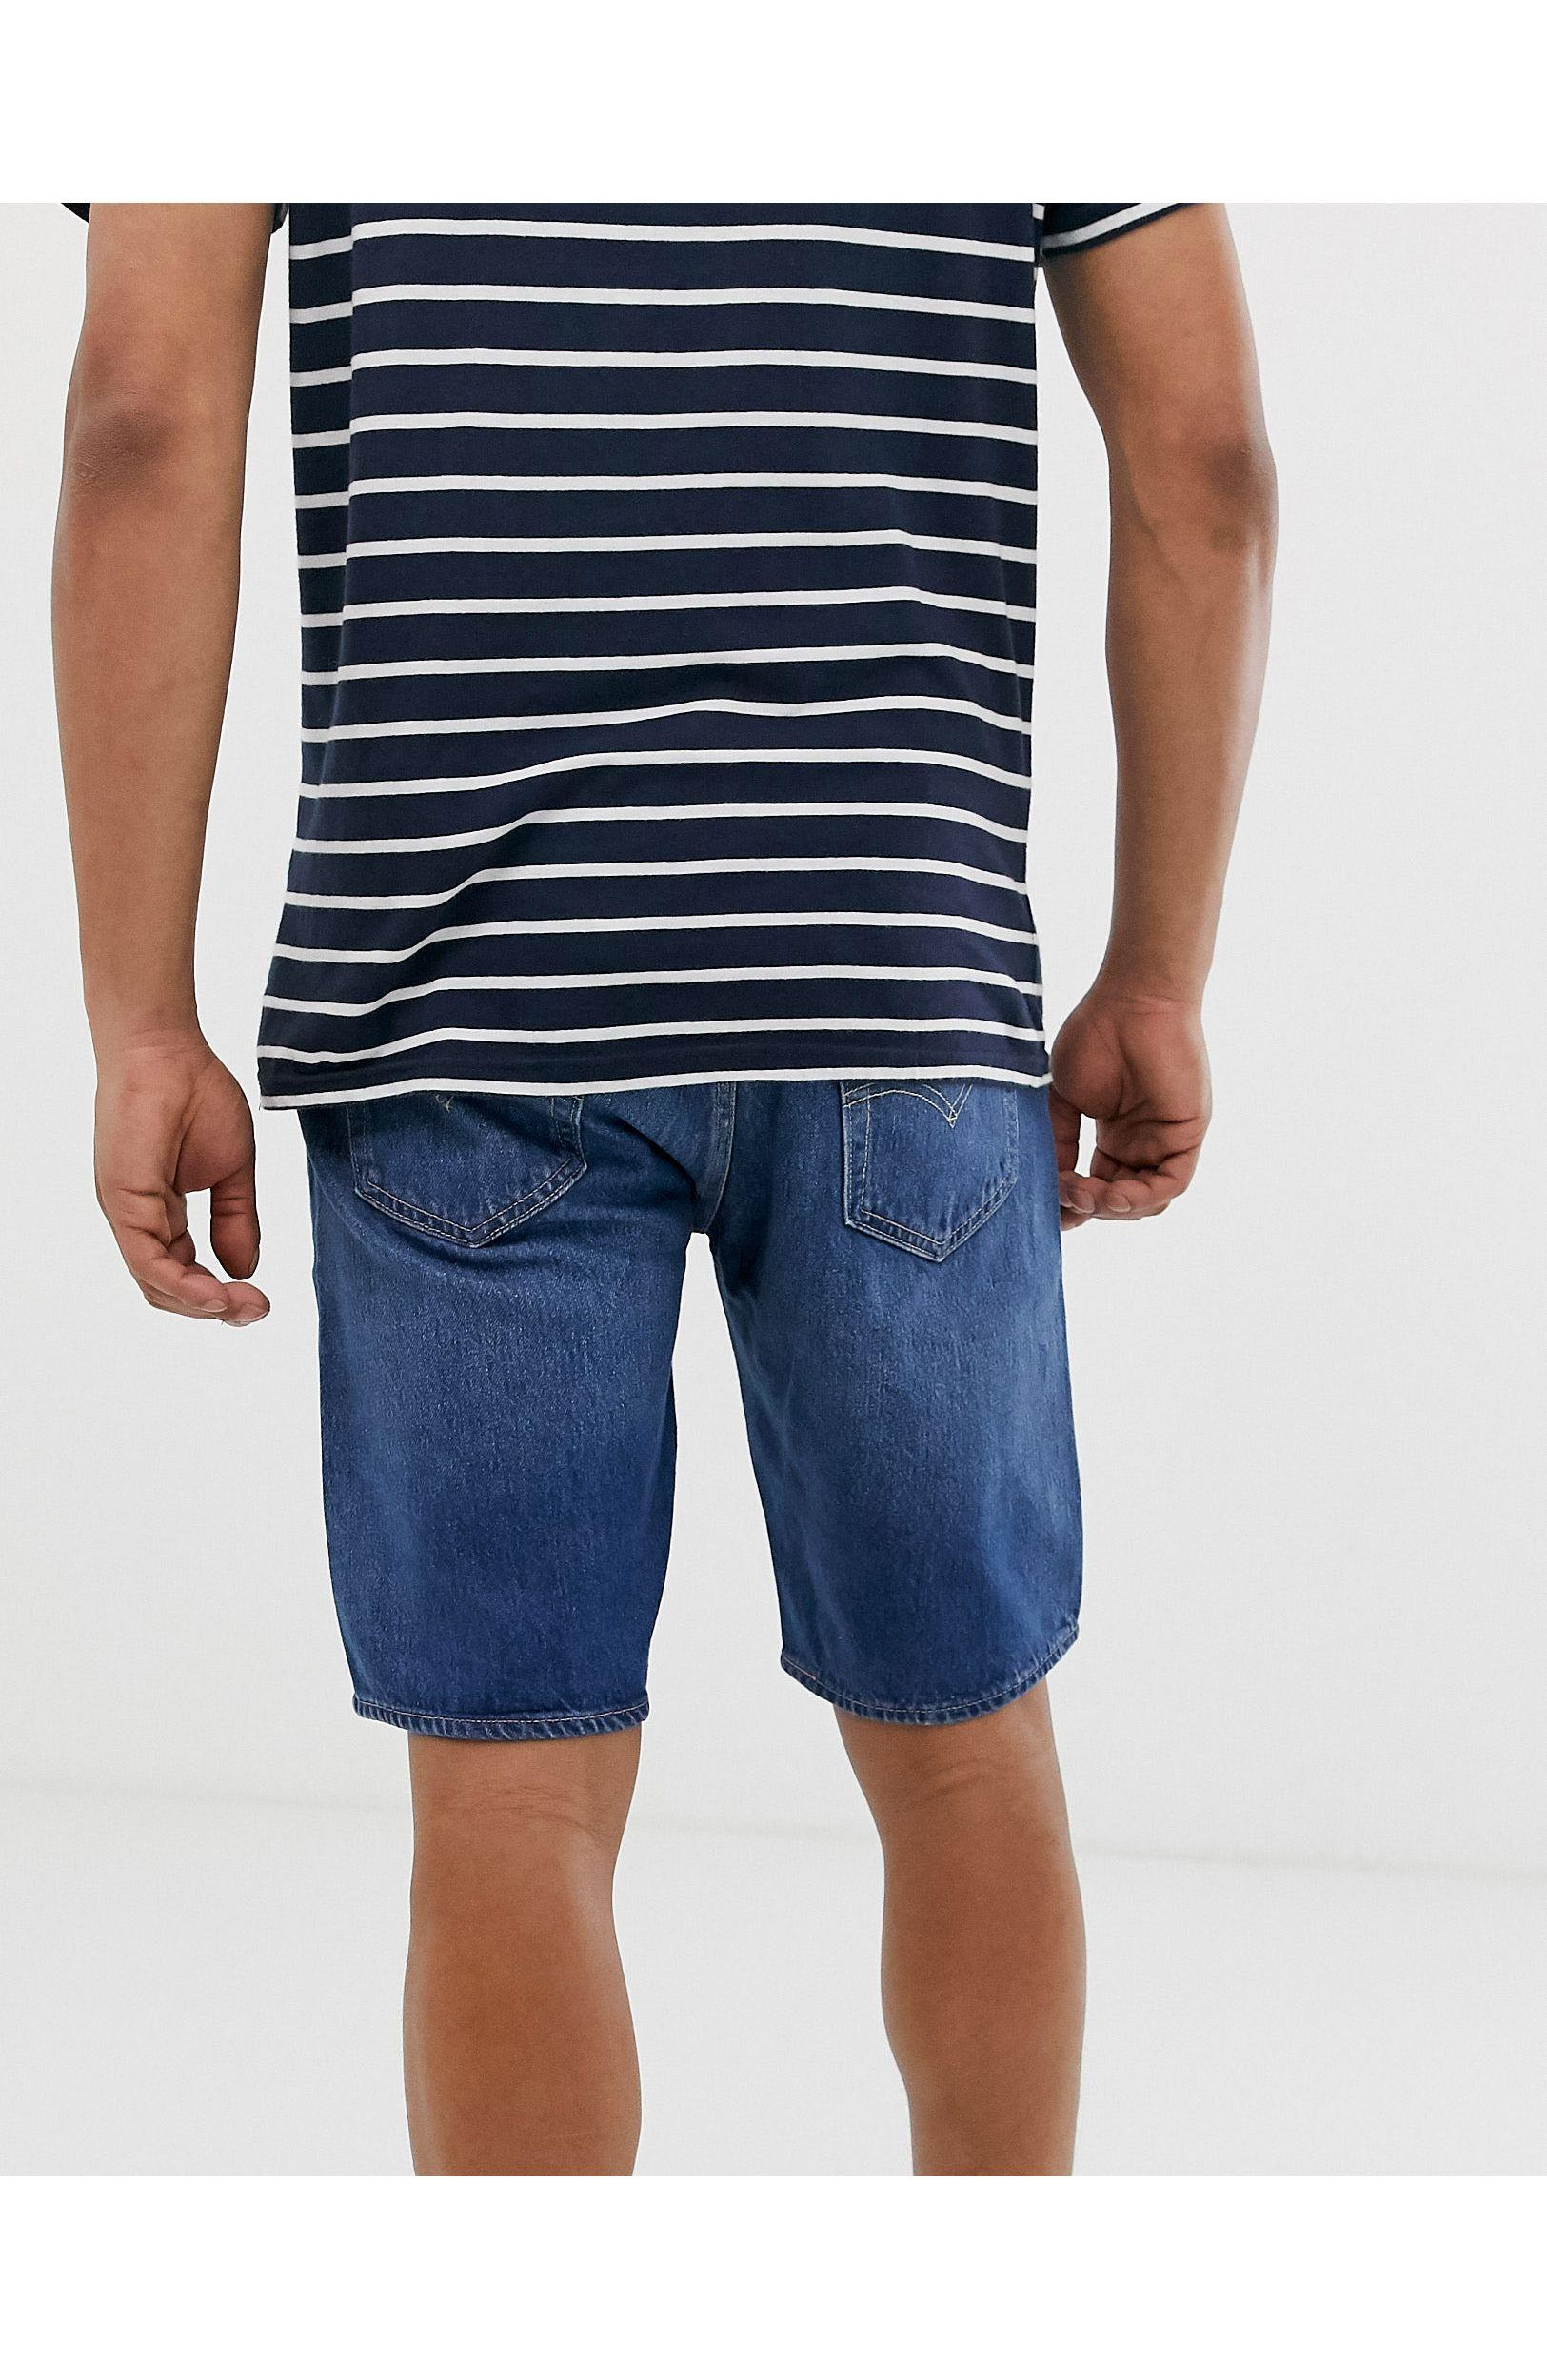 Levi's 501 - Denim Short Met Rechte Pijpen En Gewone Taille Met Zoom in het Blauw voor heren